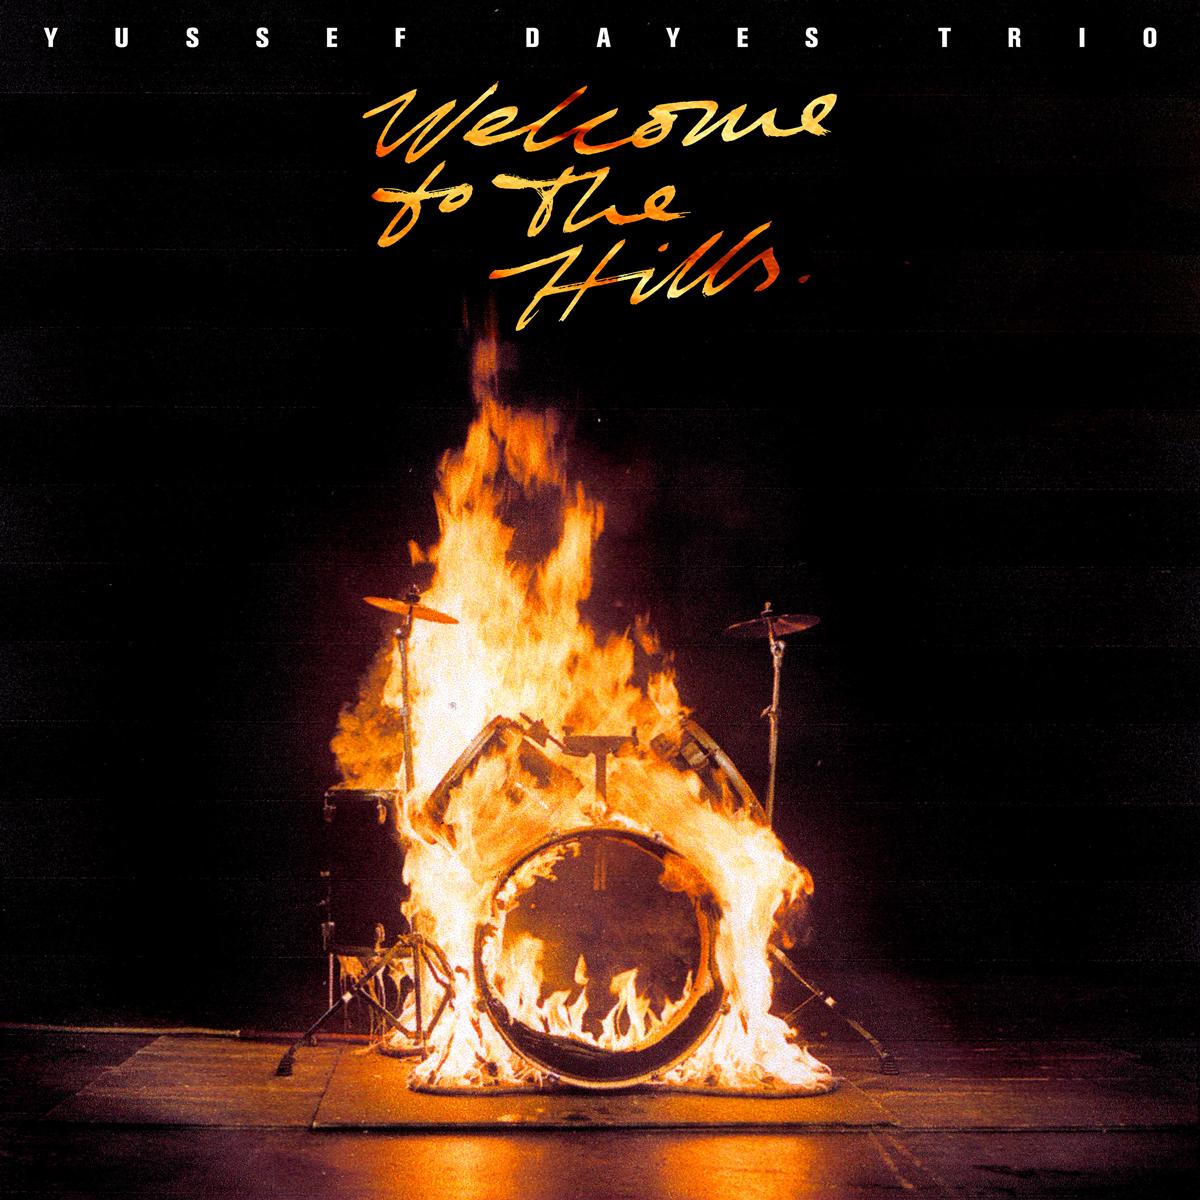 靈魂樂手 Yussef Dayes 攜手Rocco Palladino 和 Charlie Stacey 完美演繹Live Album《Welcome To The Hills》 4